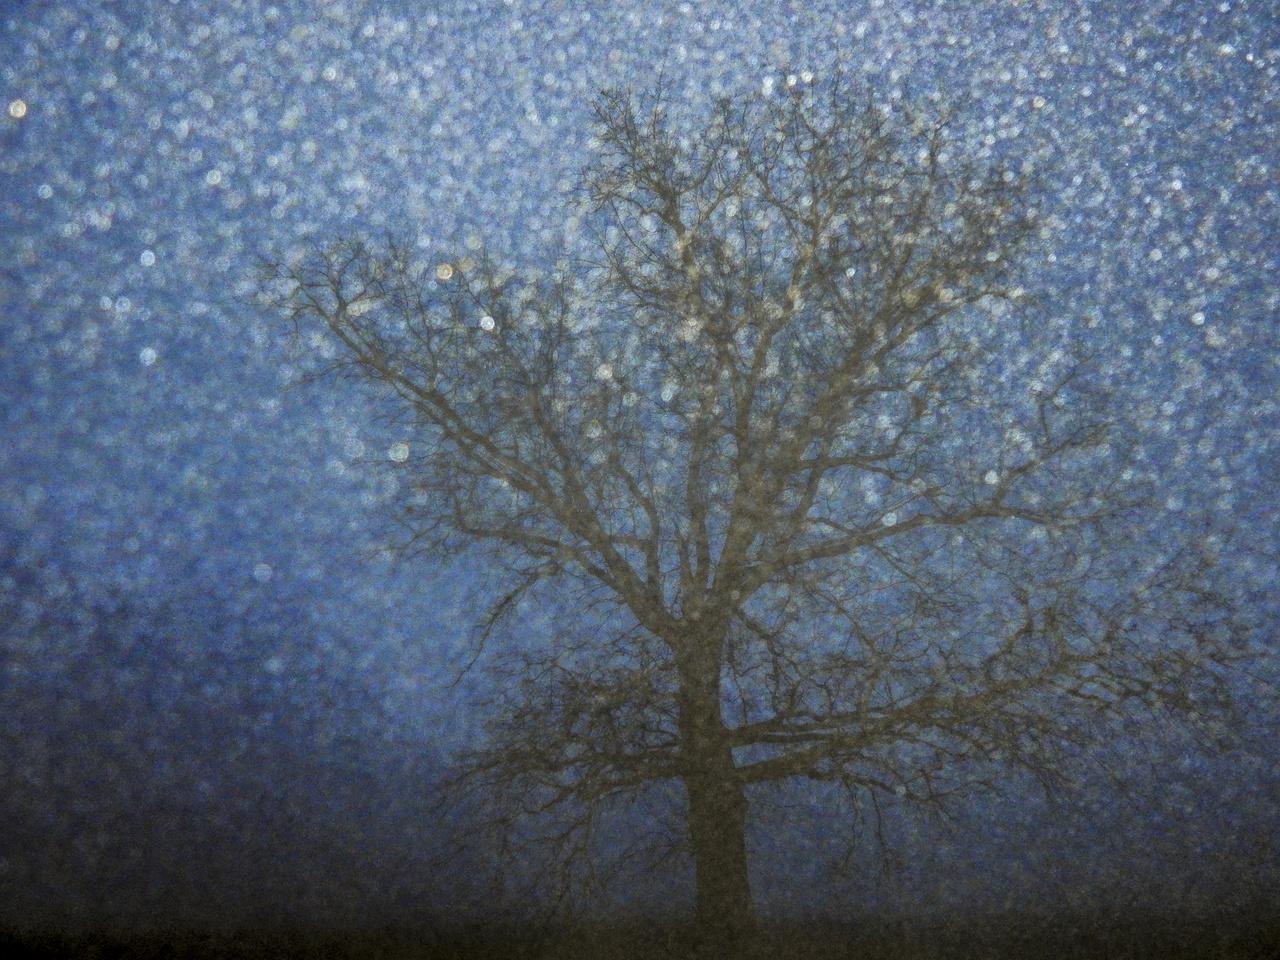 Ifjúsági kategória - 1. díj - Koncz-Bisztricz Tamás: Köd - Egy késő délután Ópusztaszerre látogattunk, dámszarvasfotózás reményében. Az erdőre hirtelenjében átláthatatlan köd és sötétség szállt. Kimentünk az erdő melletti mezőre, ahol van egy öreg tölgy. A fényképet a gép beépített vakujával készítettem. A karikák a vaku fénye által kirajzolt ködcseppek.